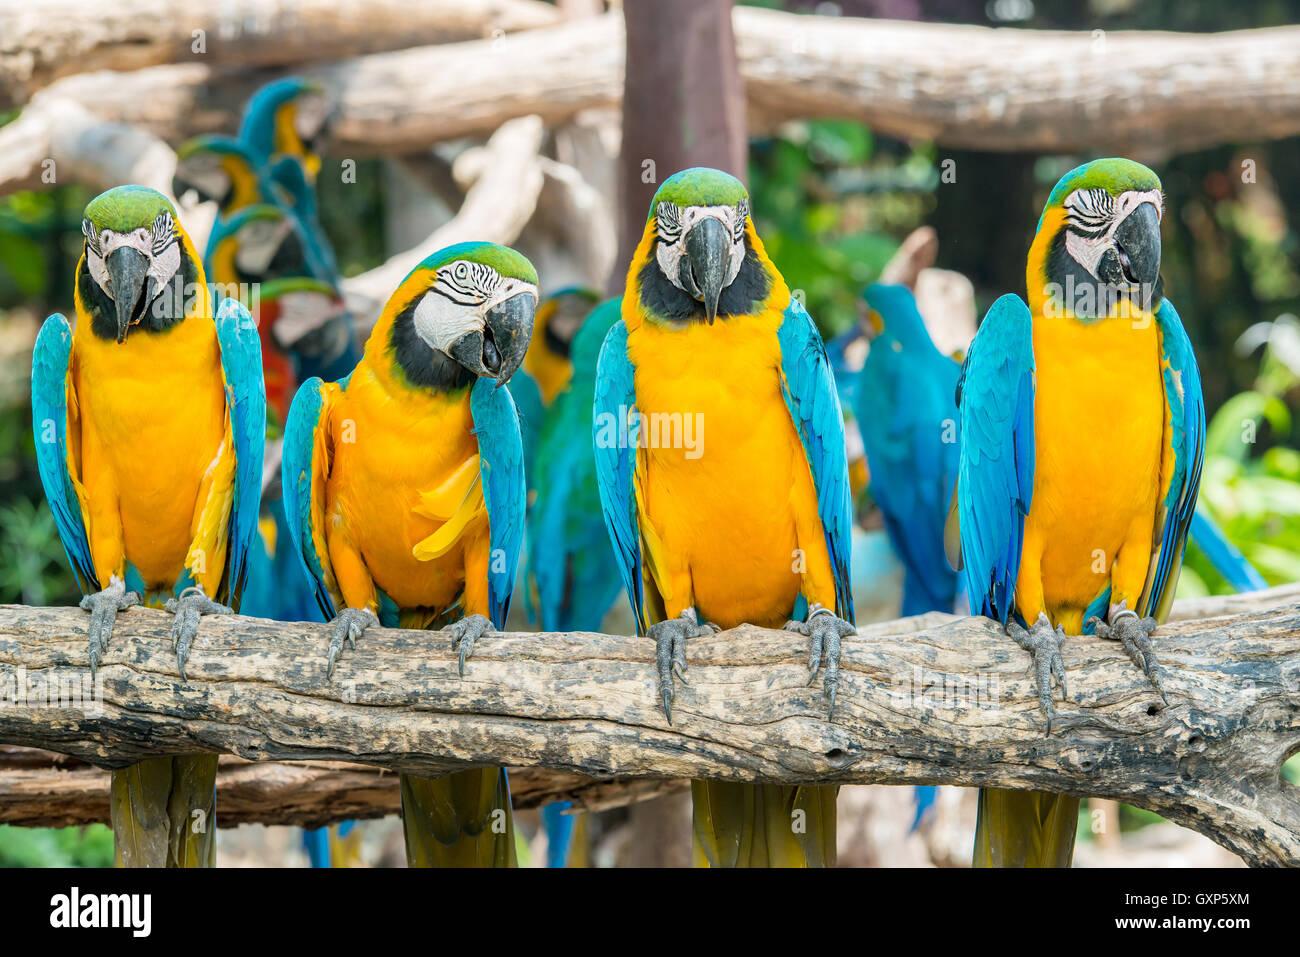 Vier blaue und gelbe Ara Vögel sitzen auf Holz Zweig. Bunte Papageien Vögel im Wald. Stockbild